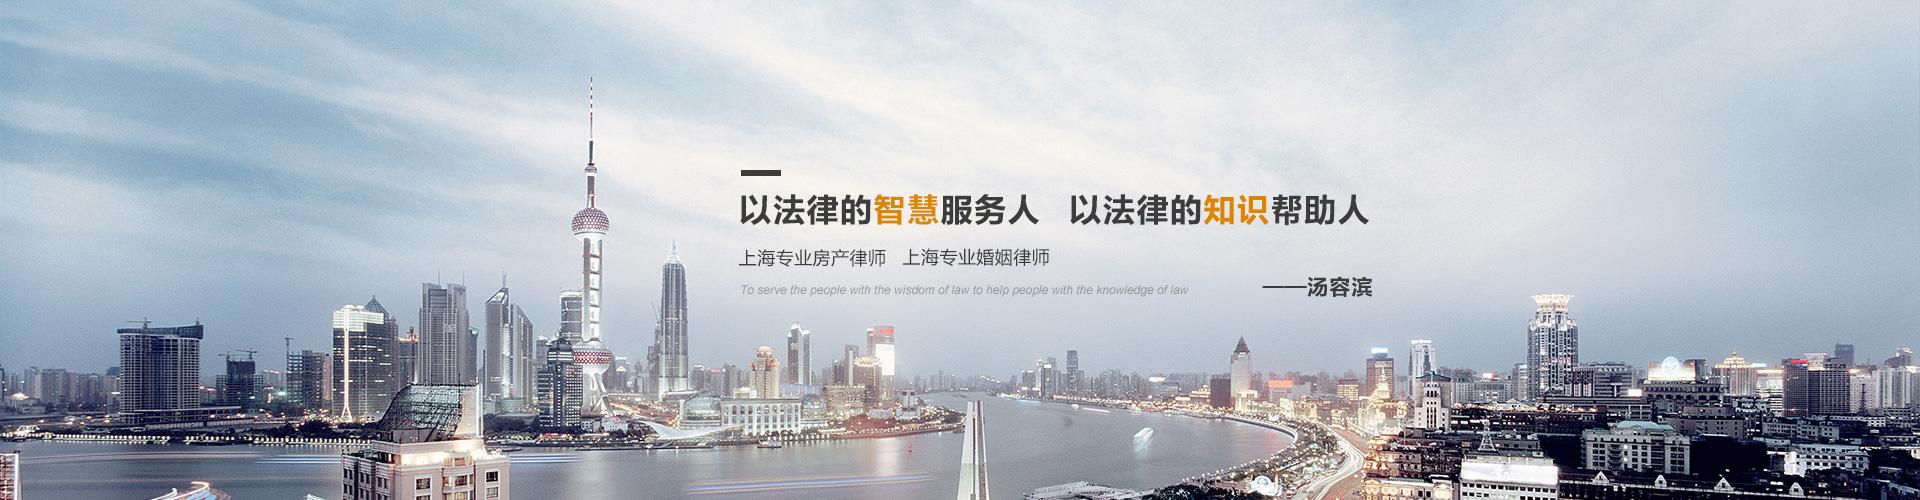 上海婚姻律师汤容滨在线咨询